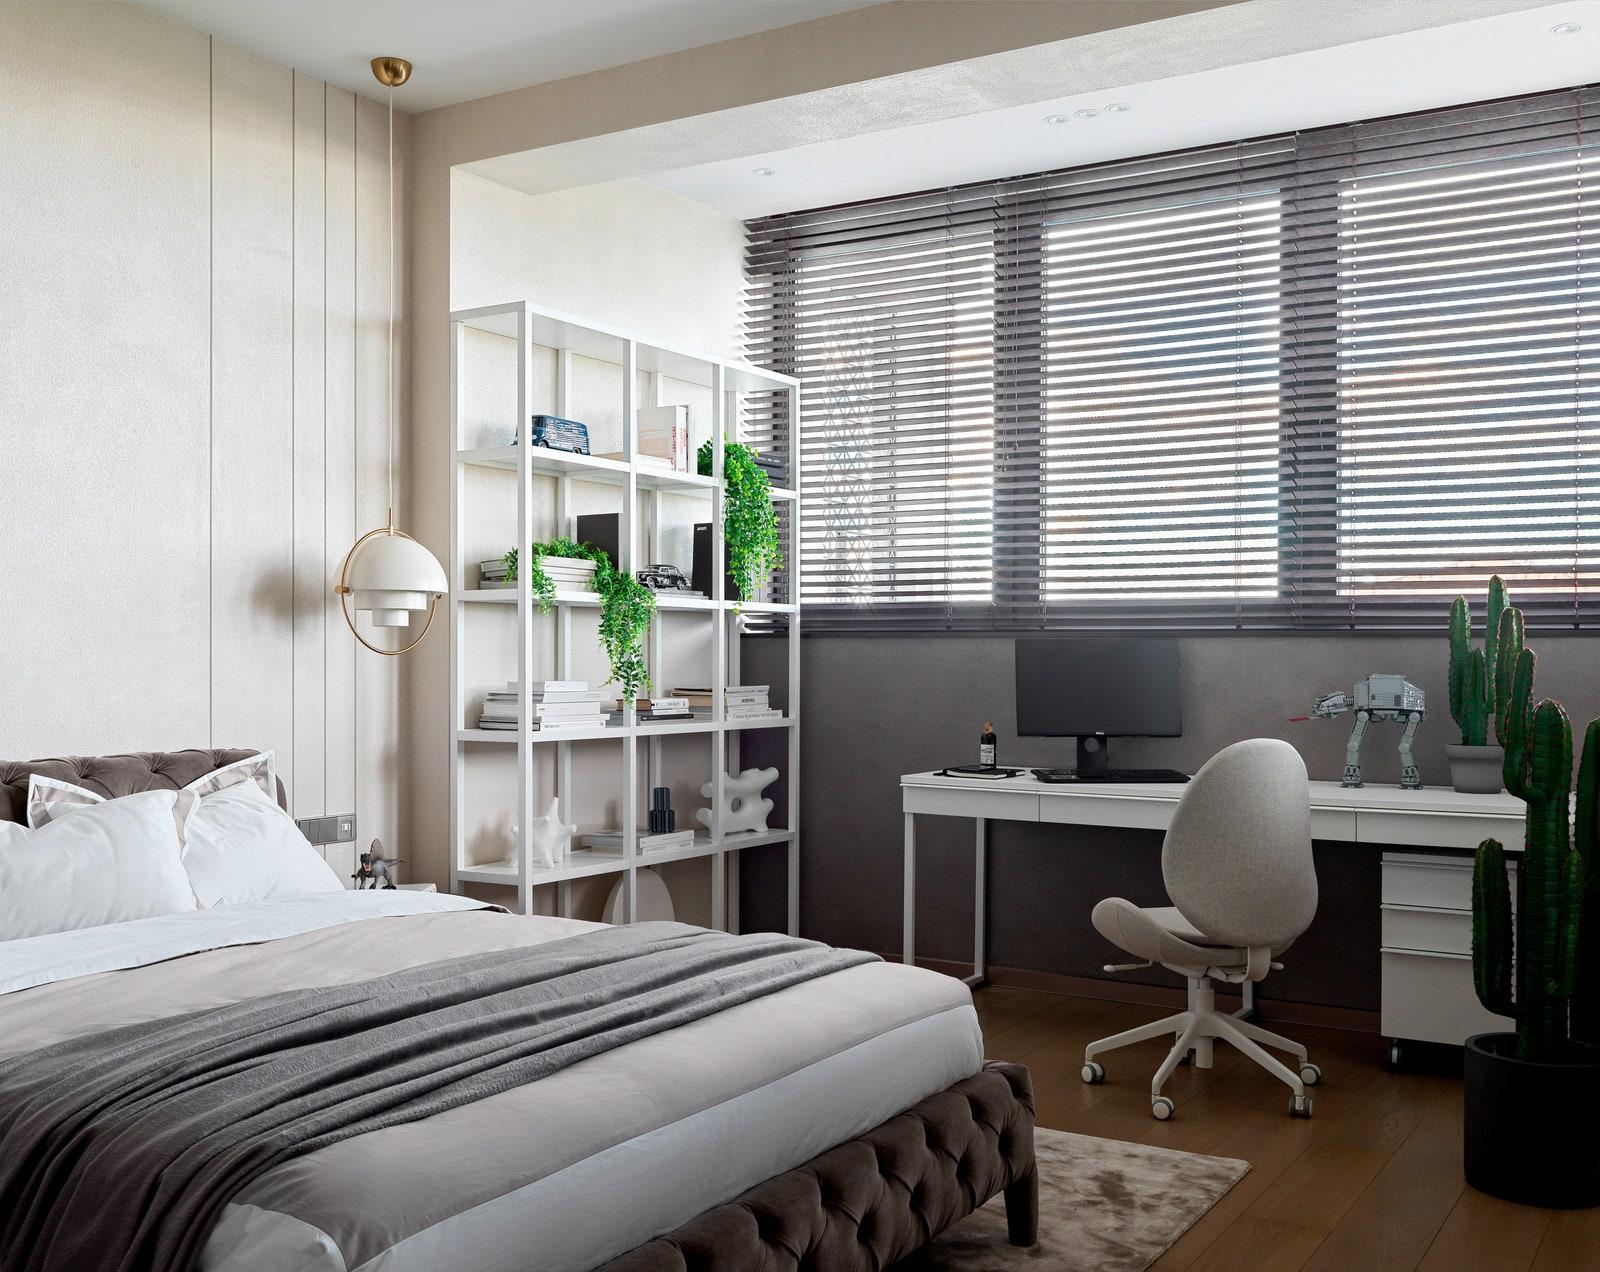 .  Arketipo   IKEA            Gubi       Melnikova Textile  Jacaranda Carpets   Mariag Home  Zara Home      Moon Dcor.